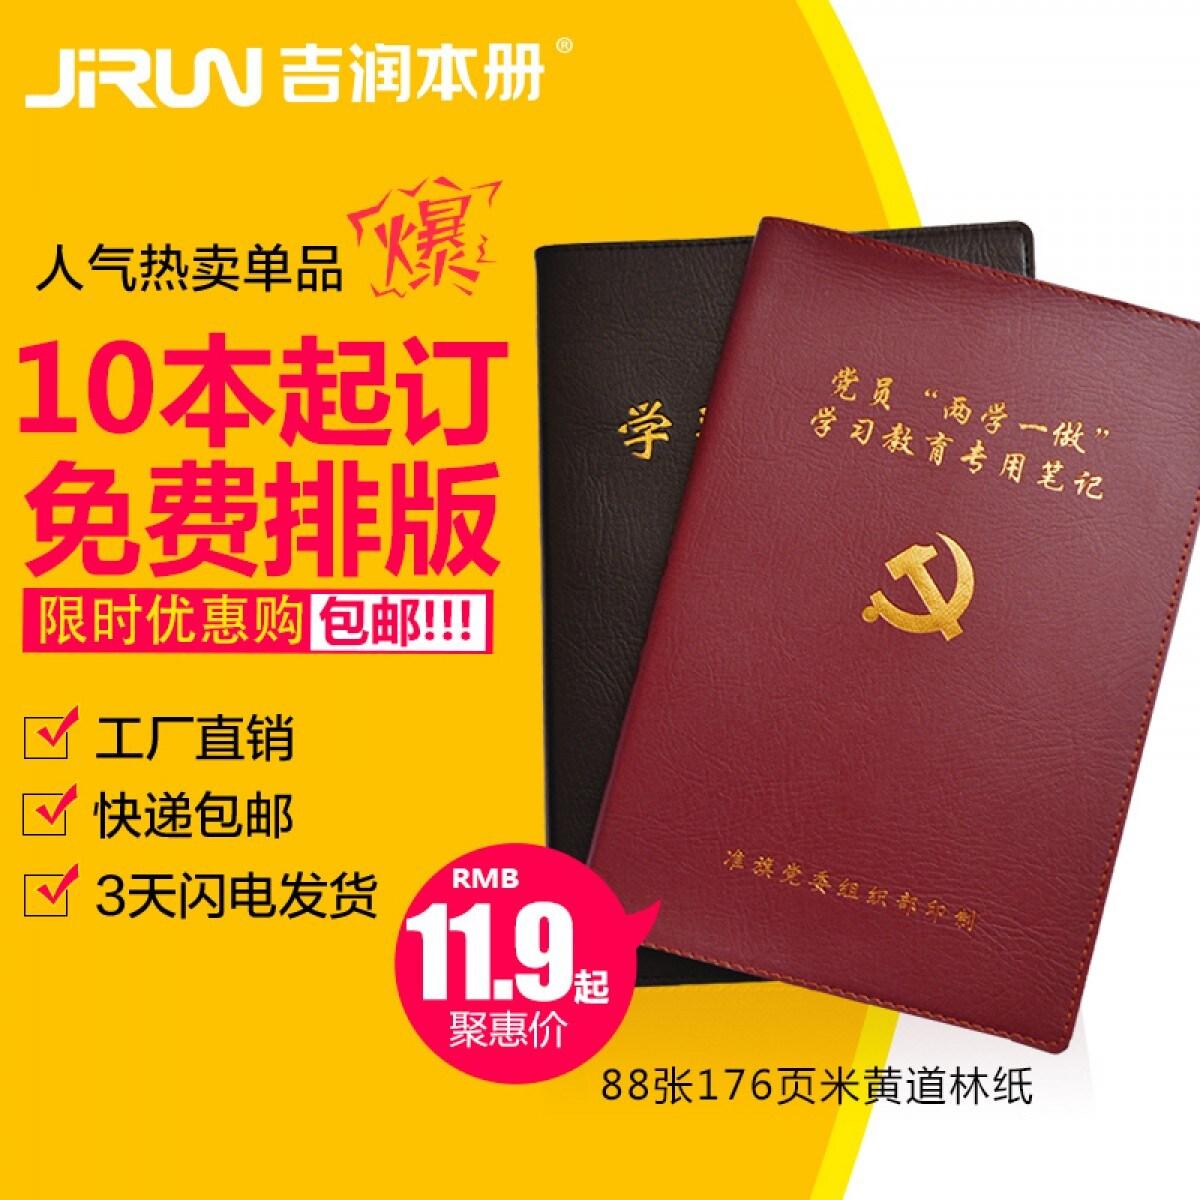 笔记本定制 记事本订做 党员会议学习记录本子可印刷logo两学一做